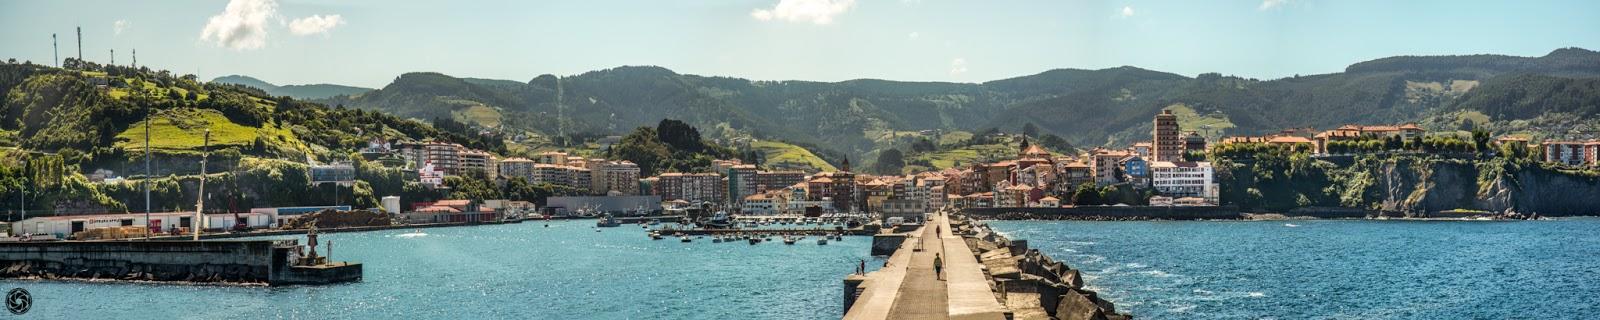 Puerto de Bermeo desde el extremo del rompeolas (panorámica completa) :: Panorámica 9 x Canon EOS 5D MkIII | ISO400 | Canon 24-105@105mm | f/6.3 | 1/640s